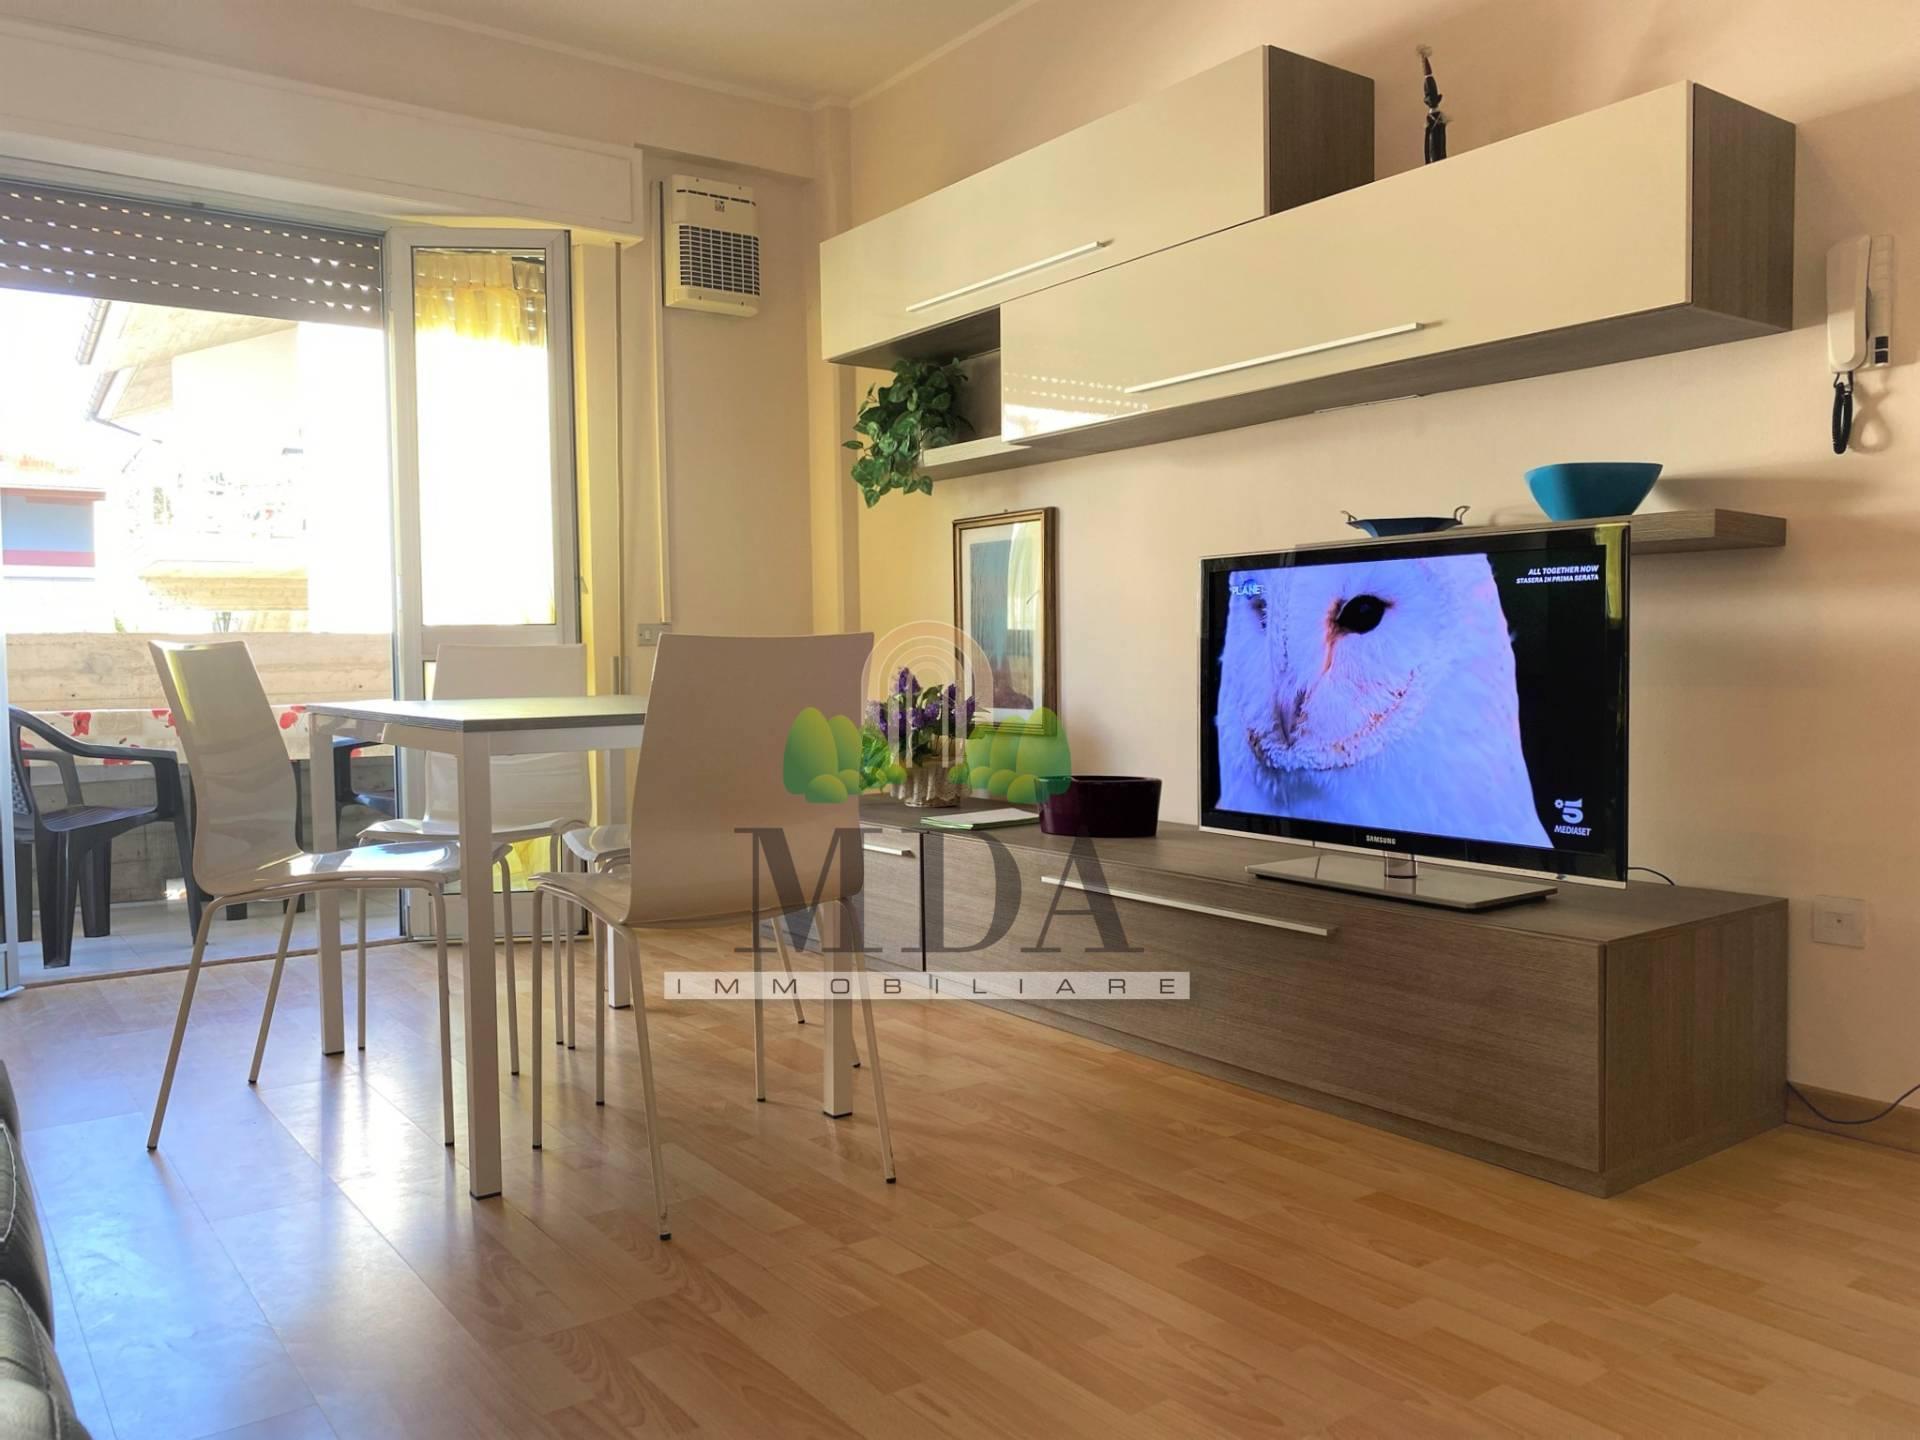 Appartamento in vendita a Martinsicuro, 5 locali, zona Località: VillaRosa, prezzo € 119.000 | PortaleAgenzieImmobiliari.it